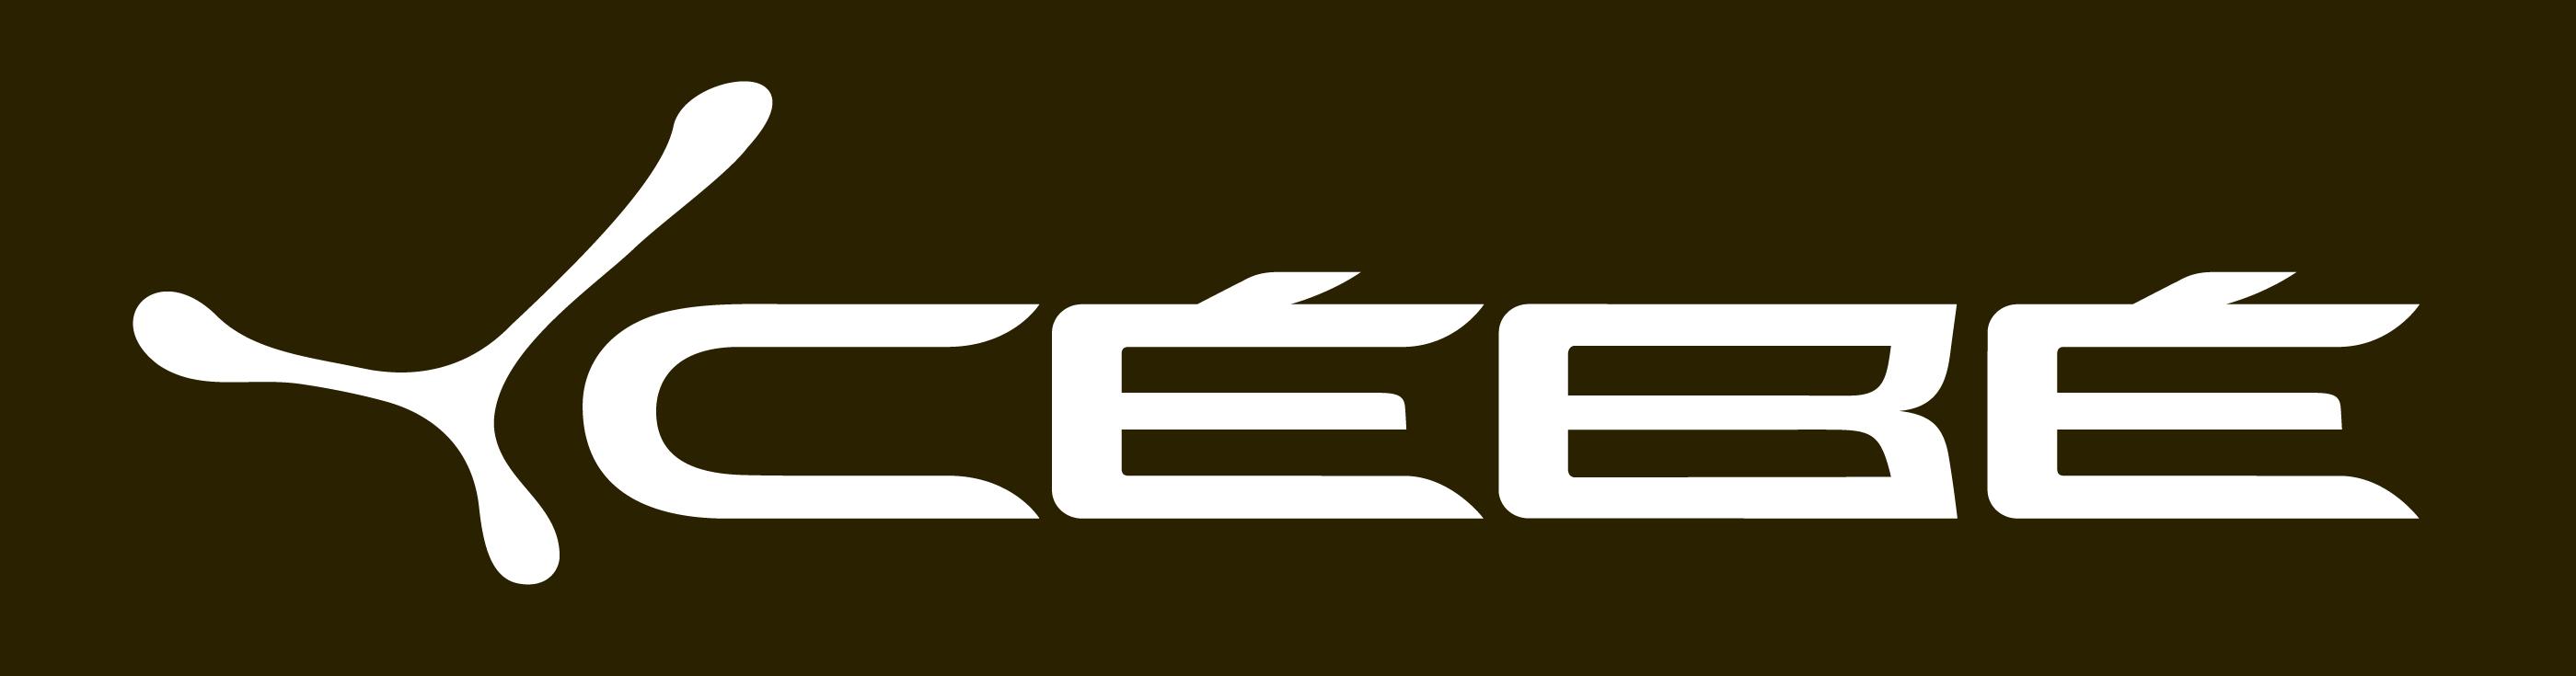 Cebe Eyewear